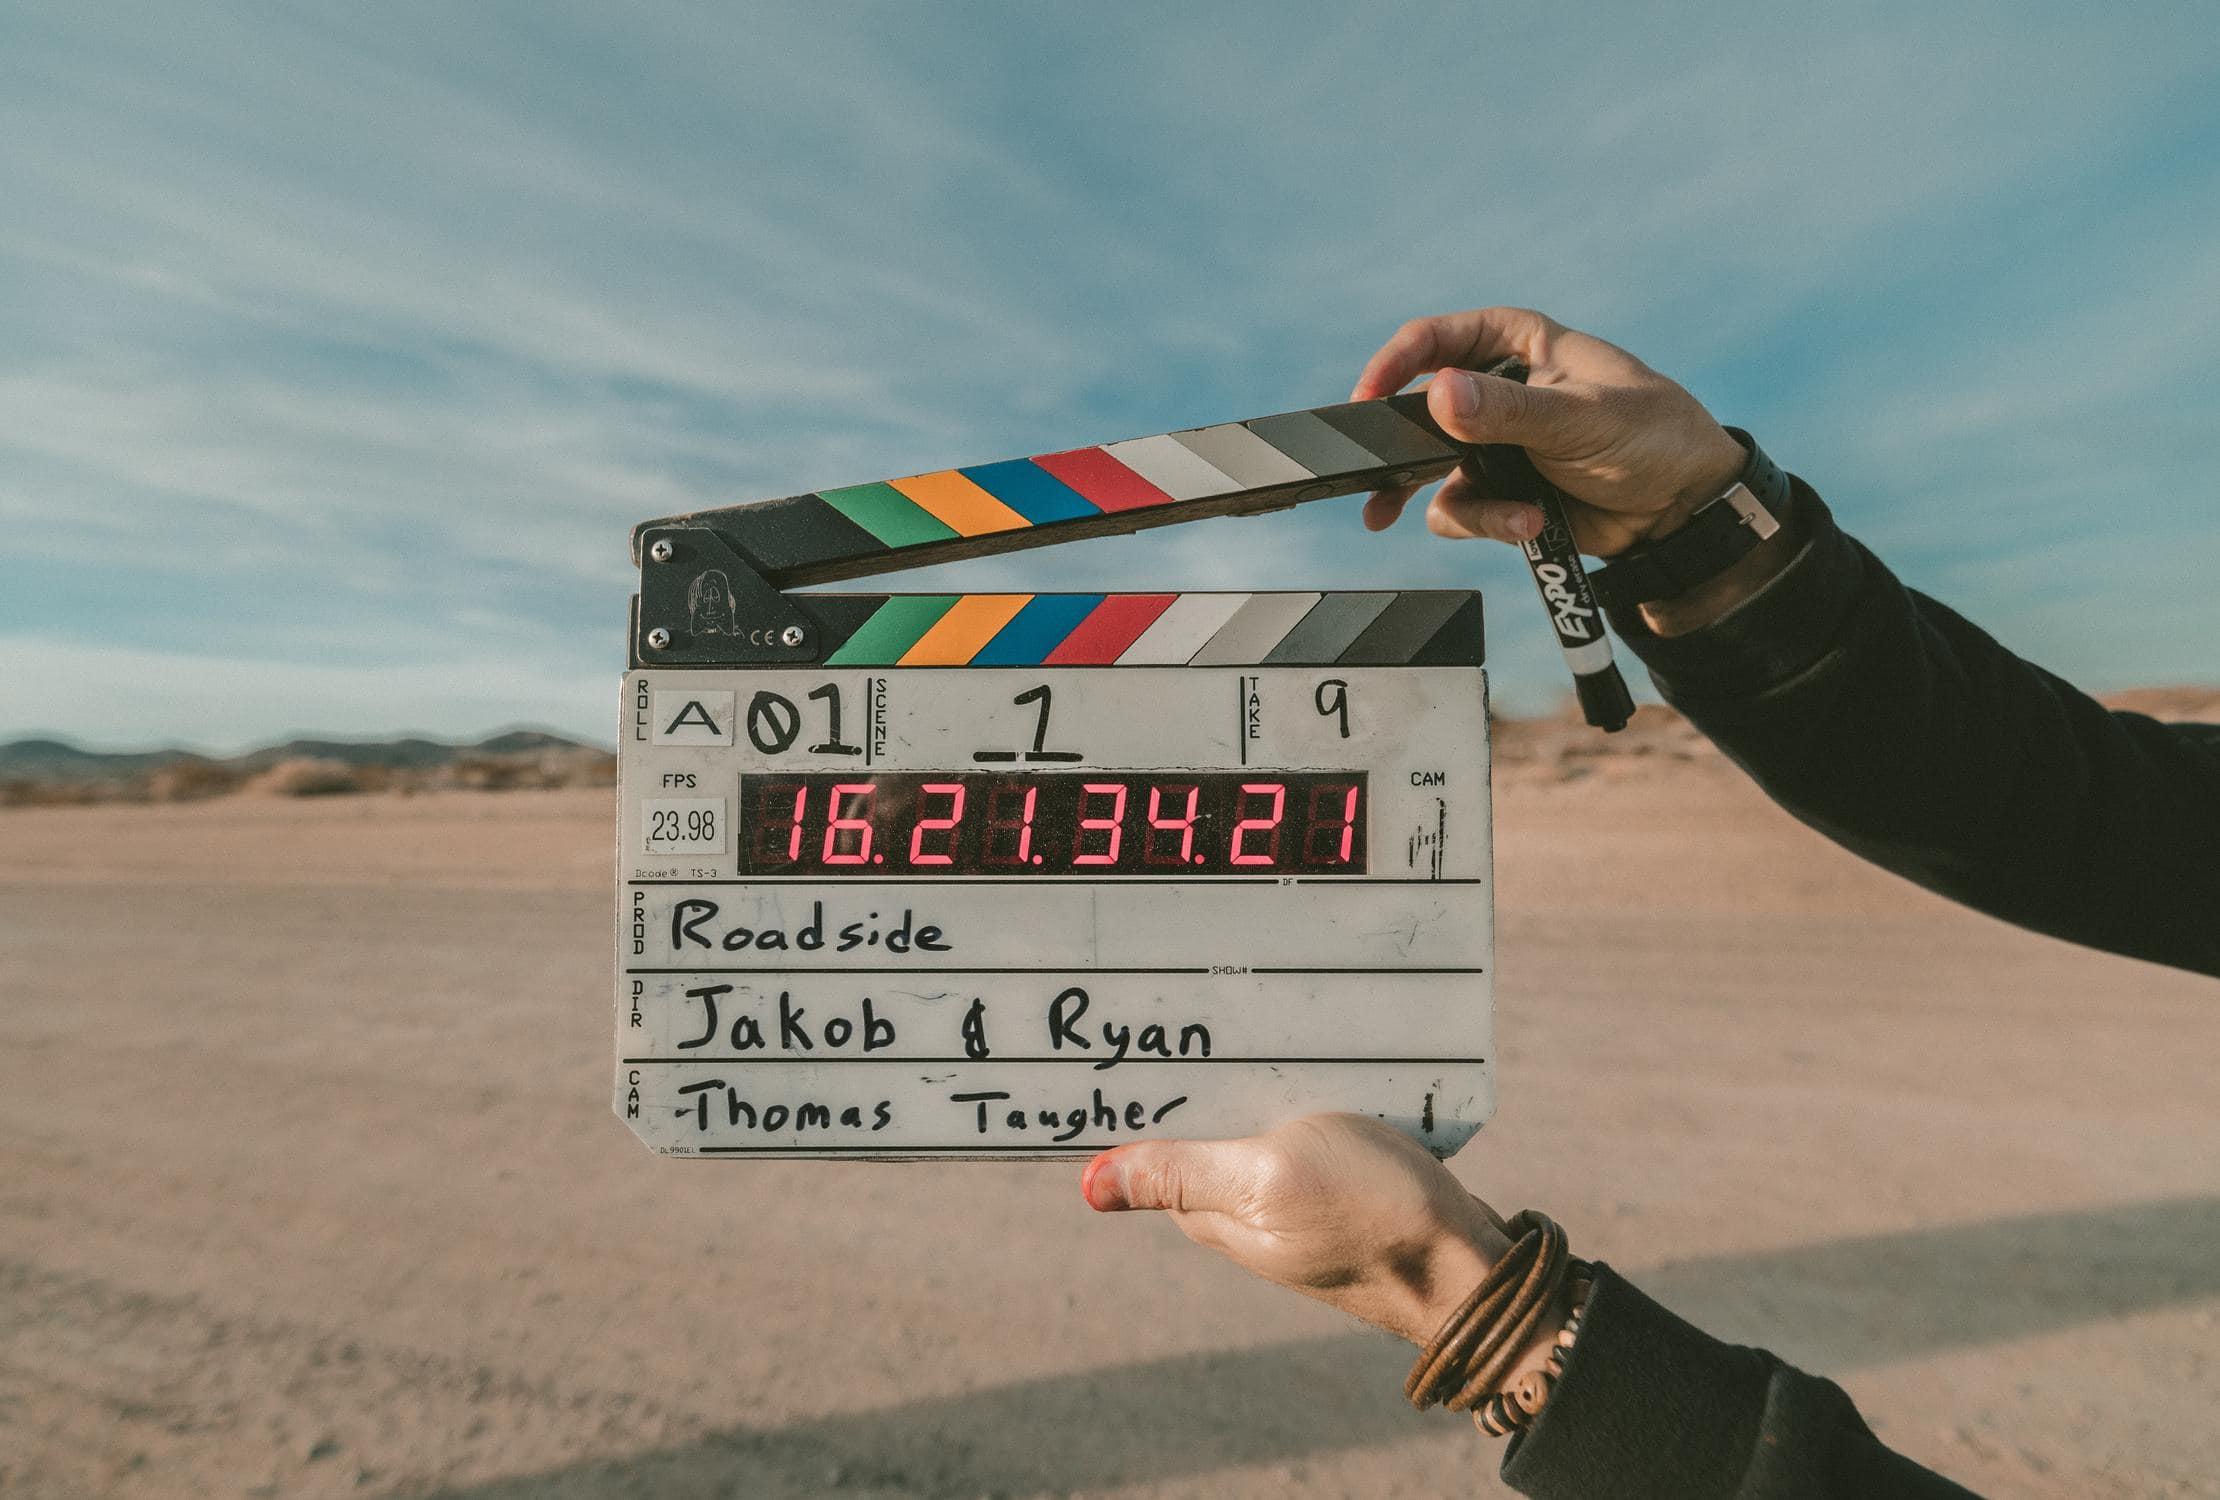 Das perfekte Video wird hier in der Wüste gedreht